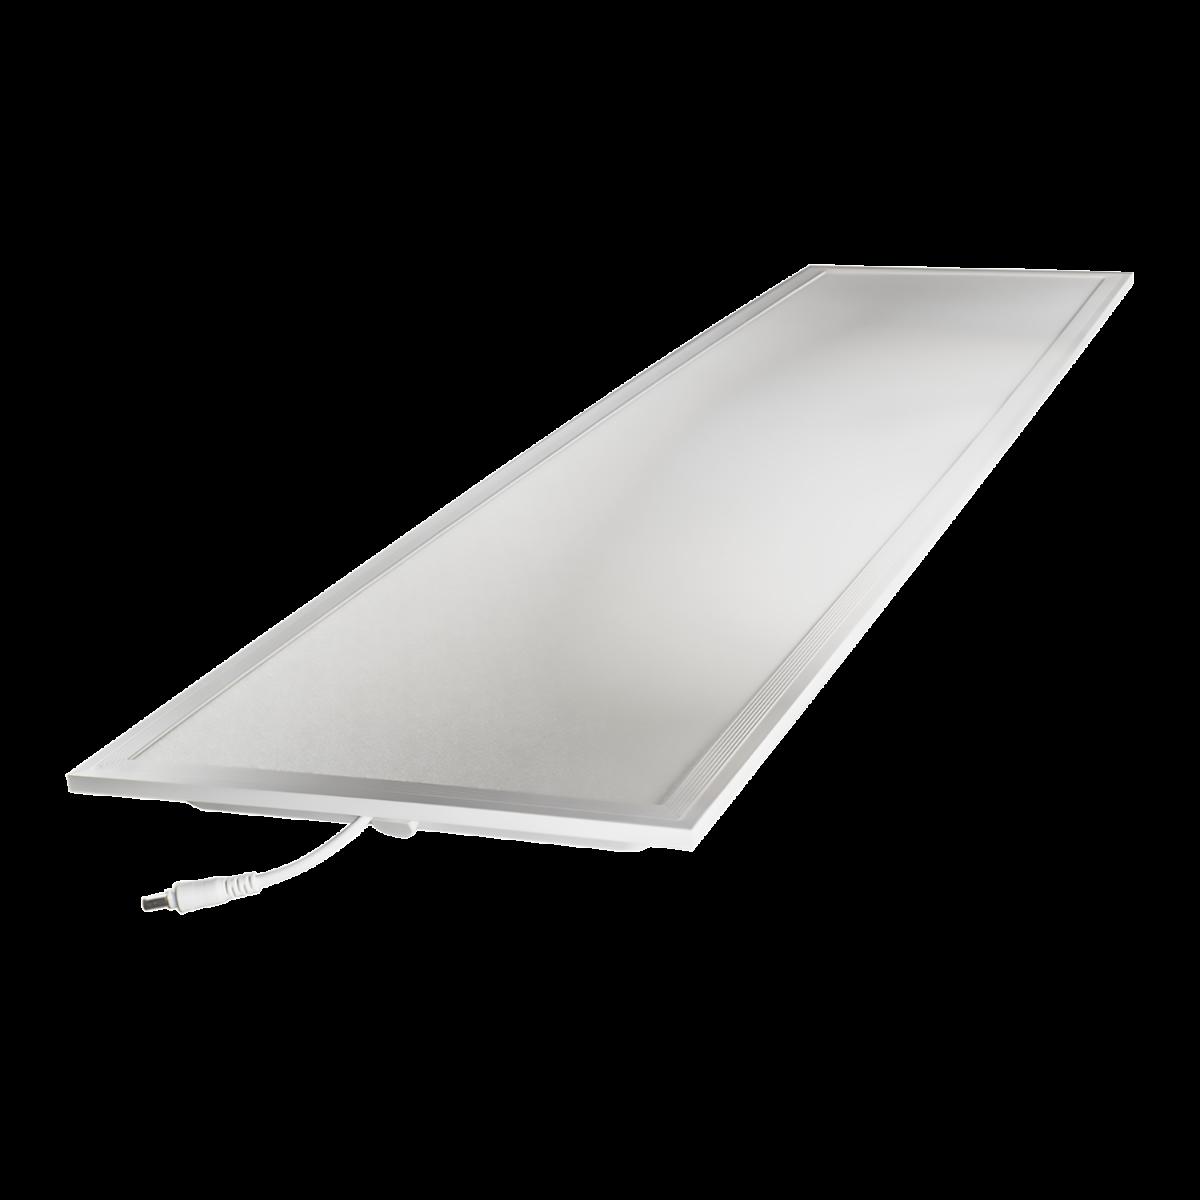 Noxion Panneau LED Delta Pro Highlum V2.0 40W 30x120cm 3000K 5280lm UGR <19 | Blanc Chaud - Substitut 2x36W